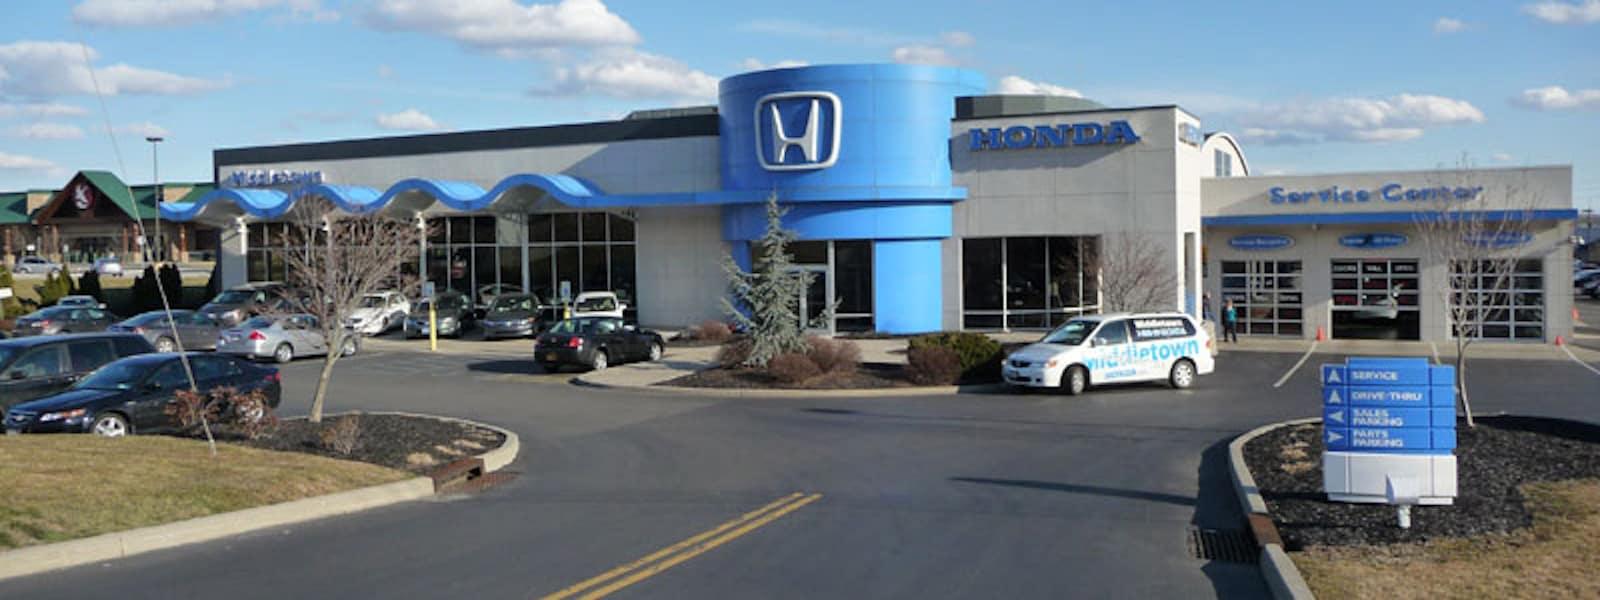 Middltown Honda Exterior